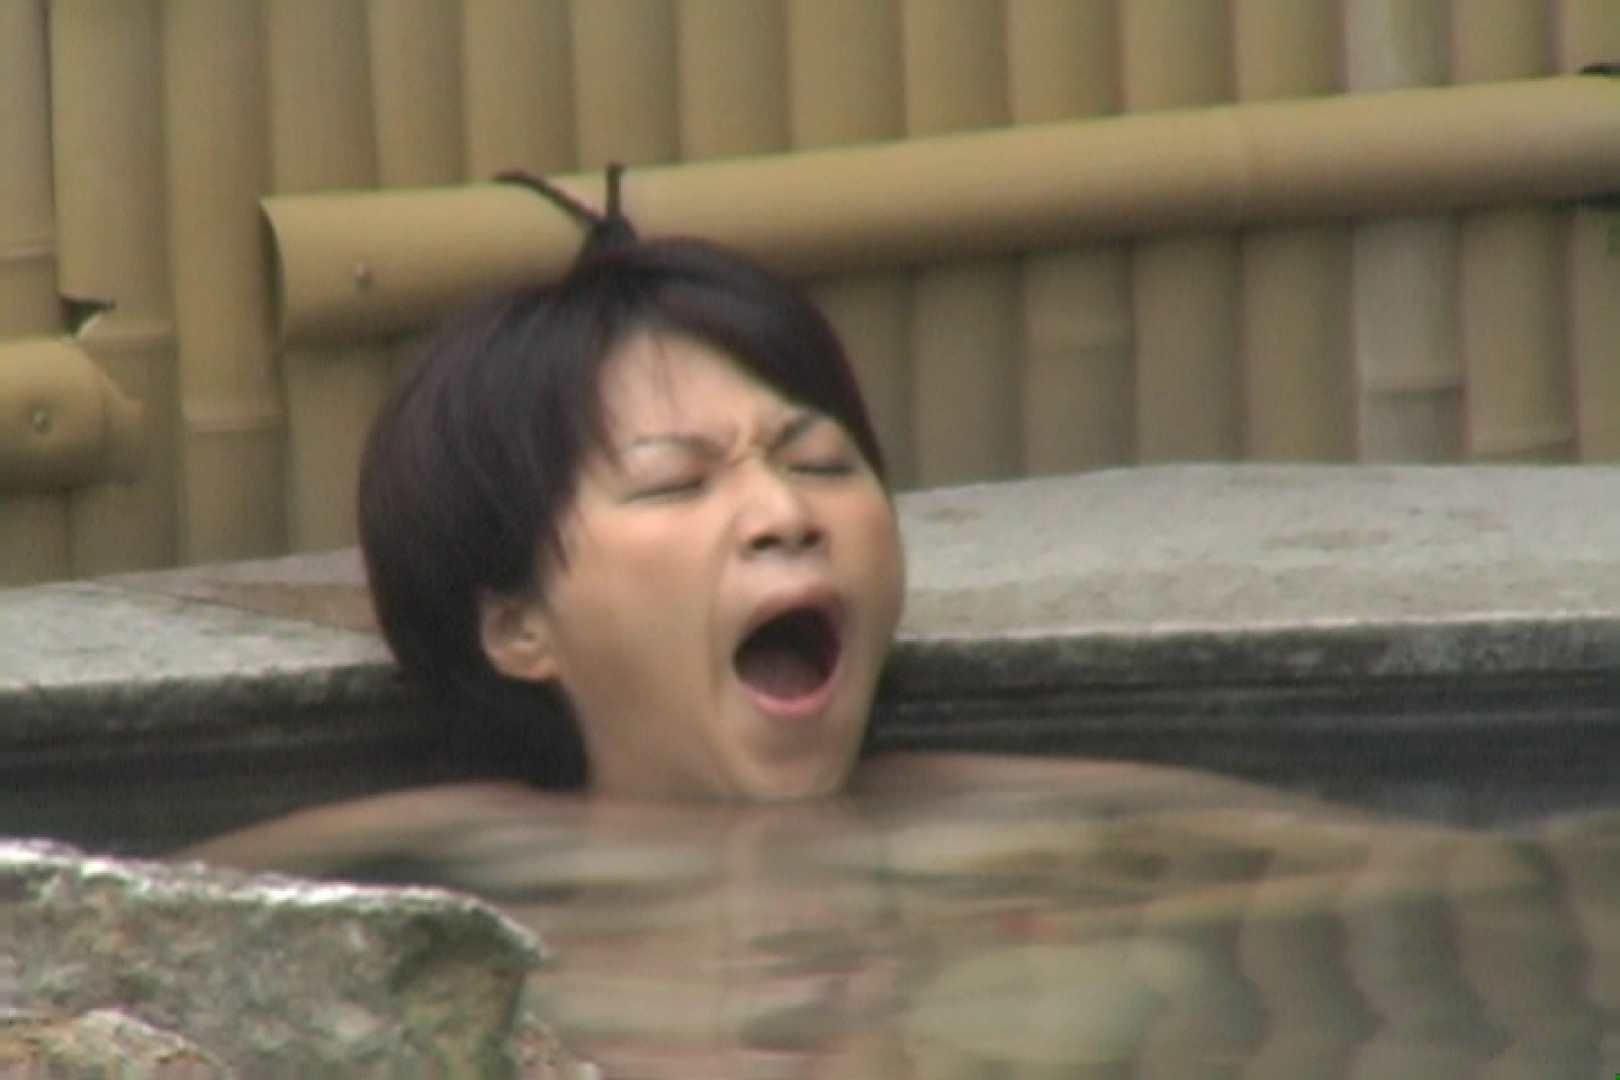 Aquaな露天風呂Vol.624 盗撮 隠し撮りオマンコ動画紹介 41連発 11